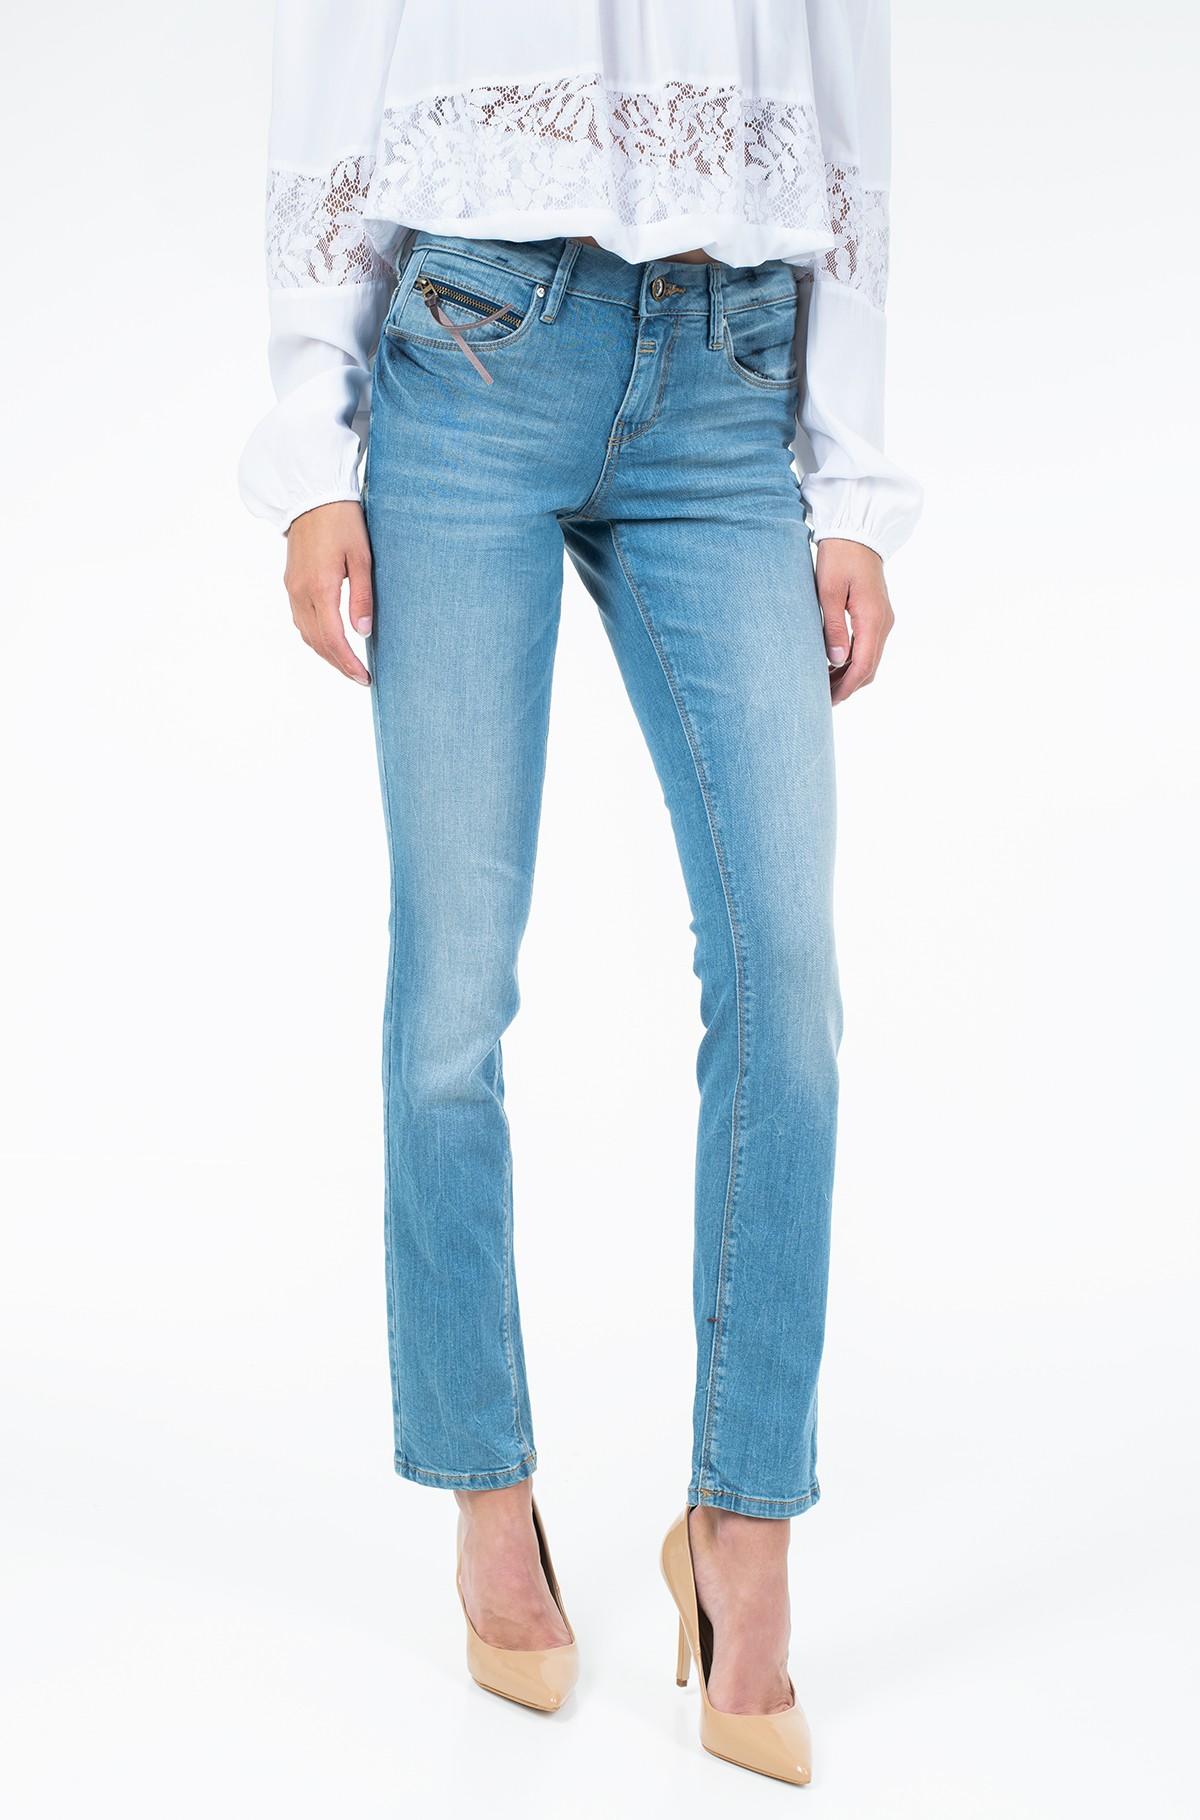 Jeans 1008144-full-1